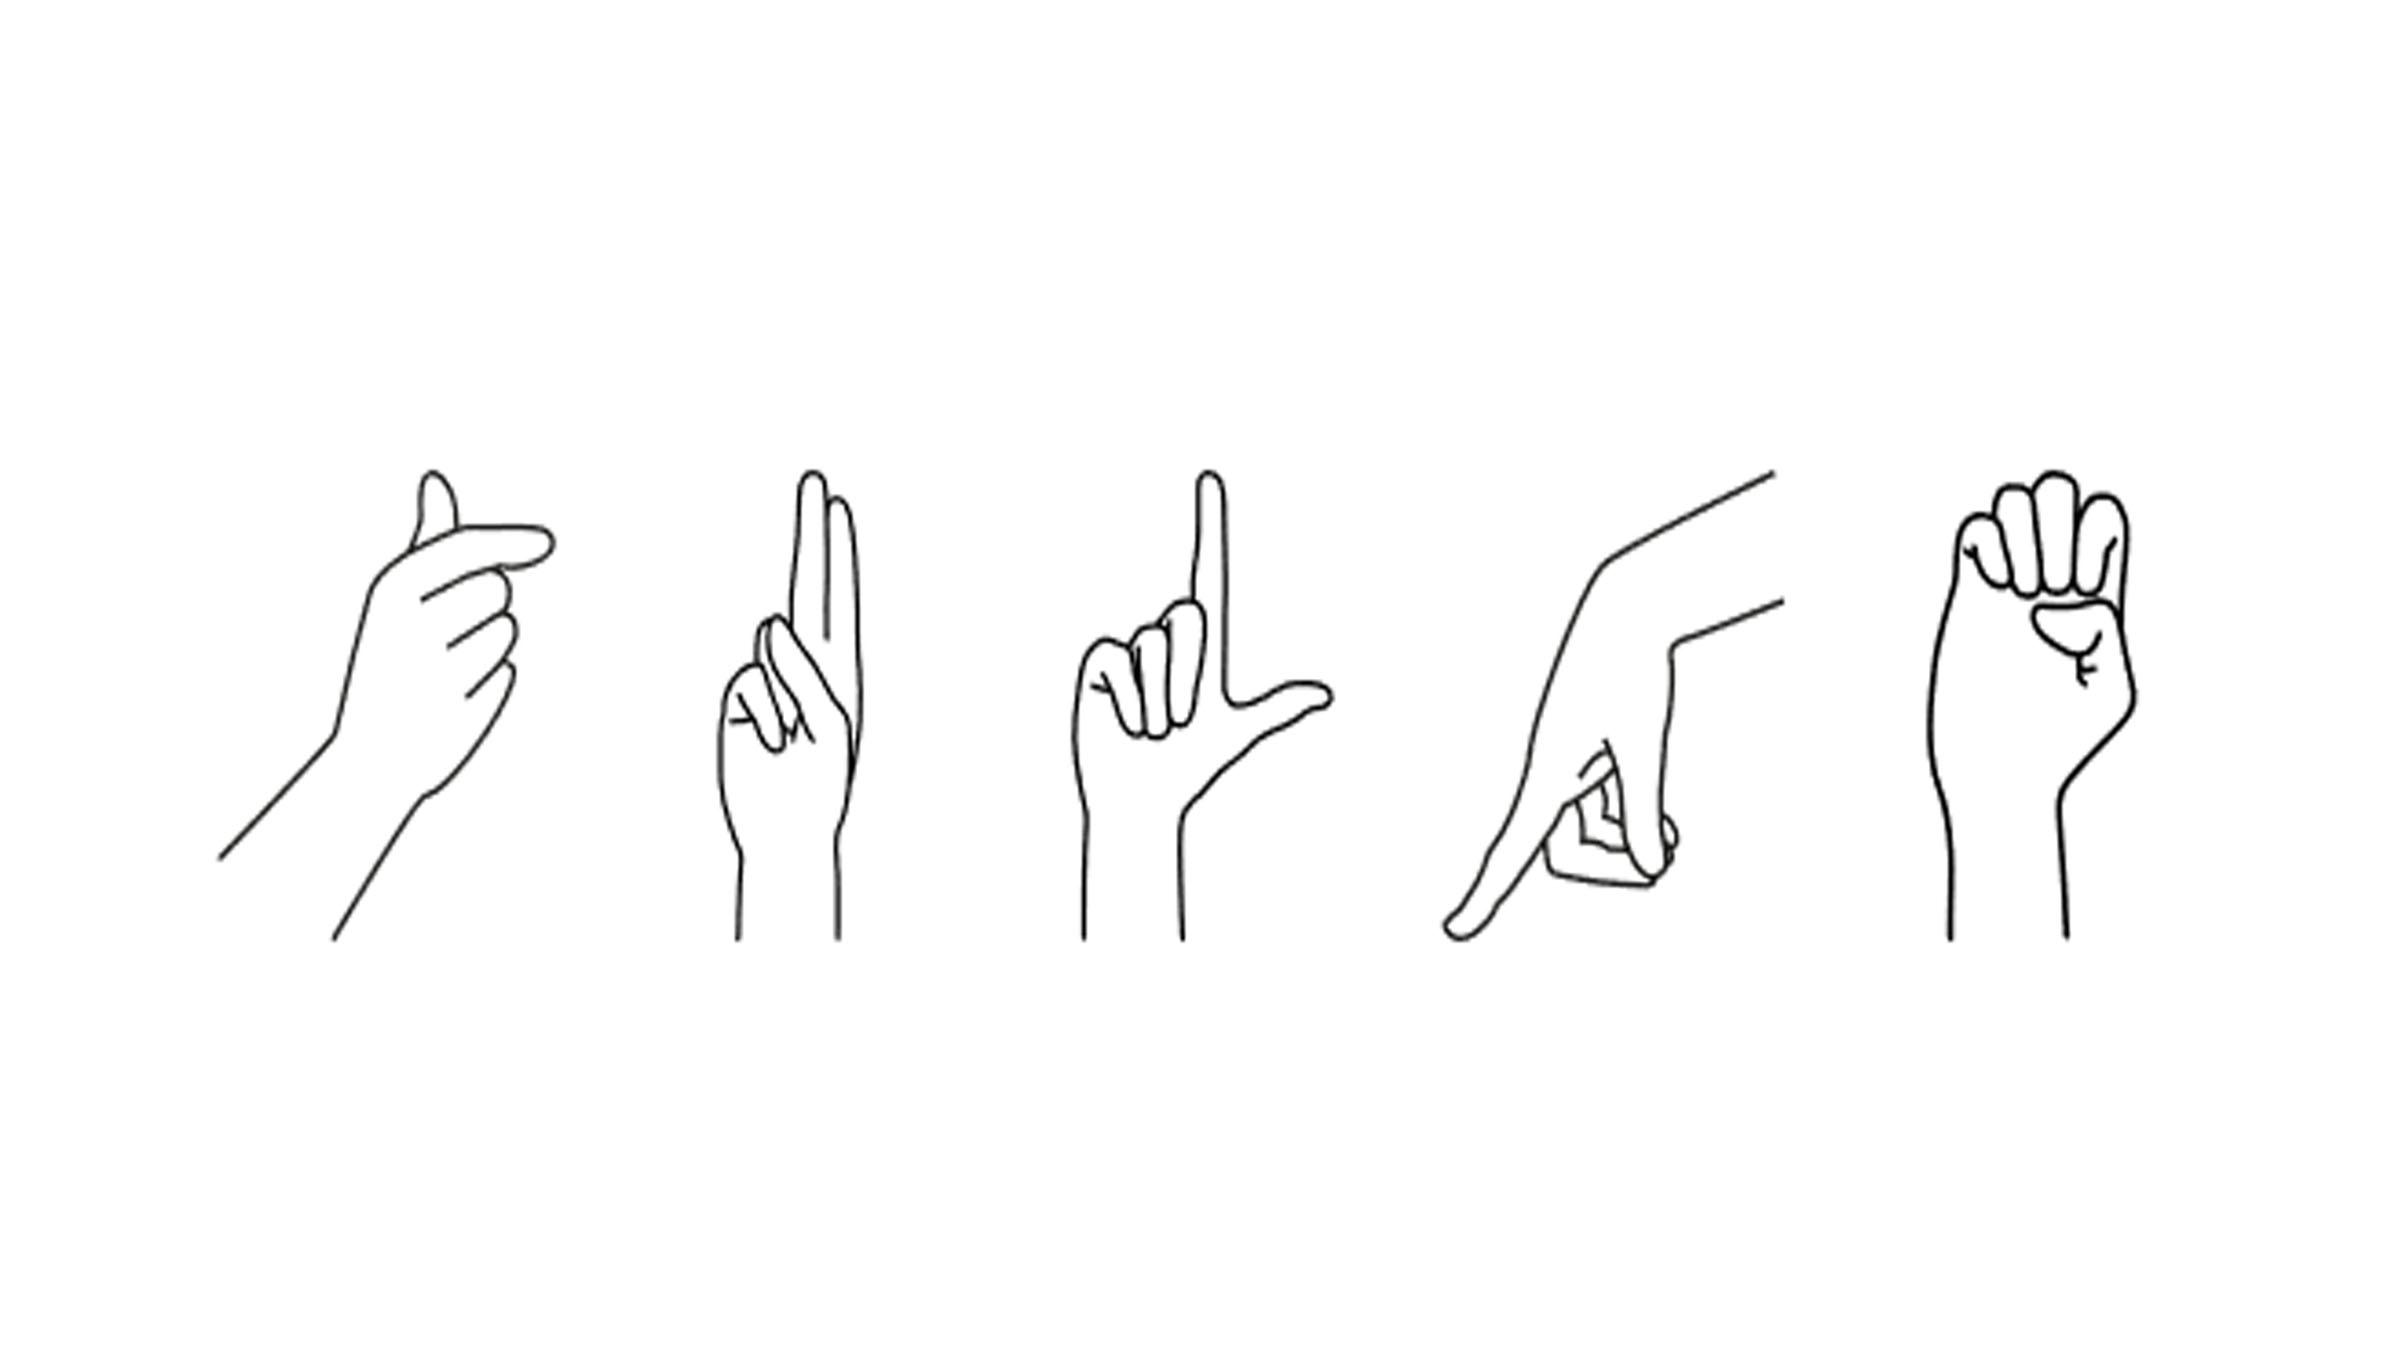 Zeichen des Fingeralphabets